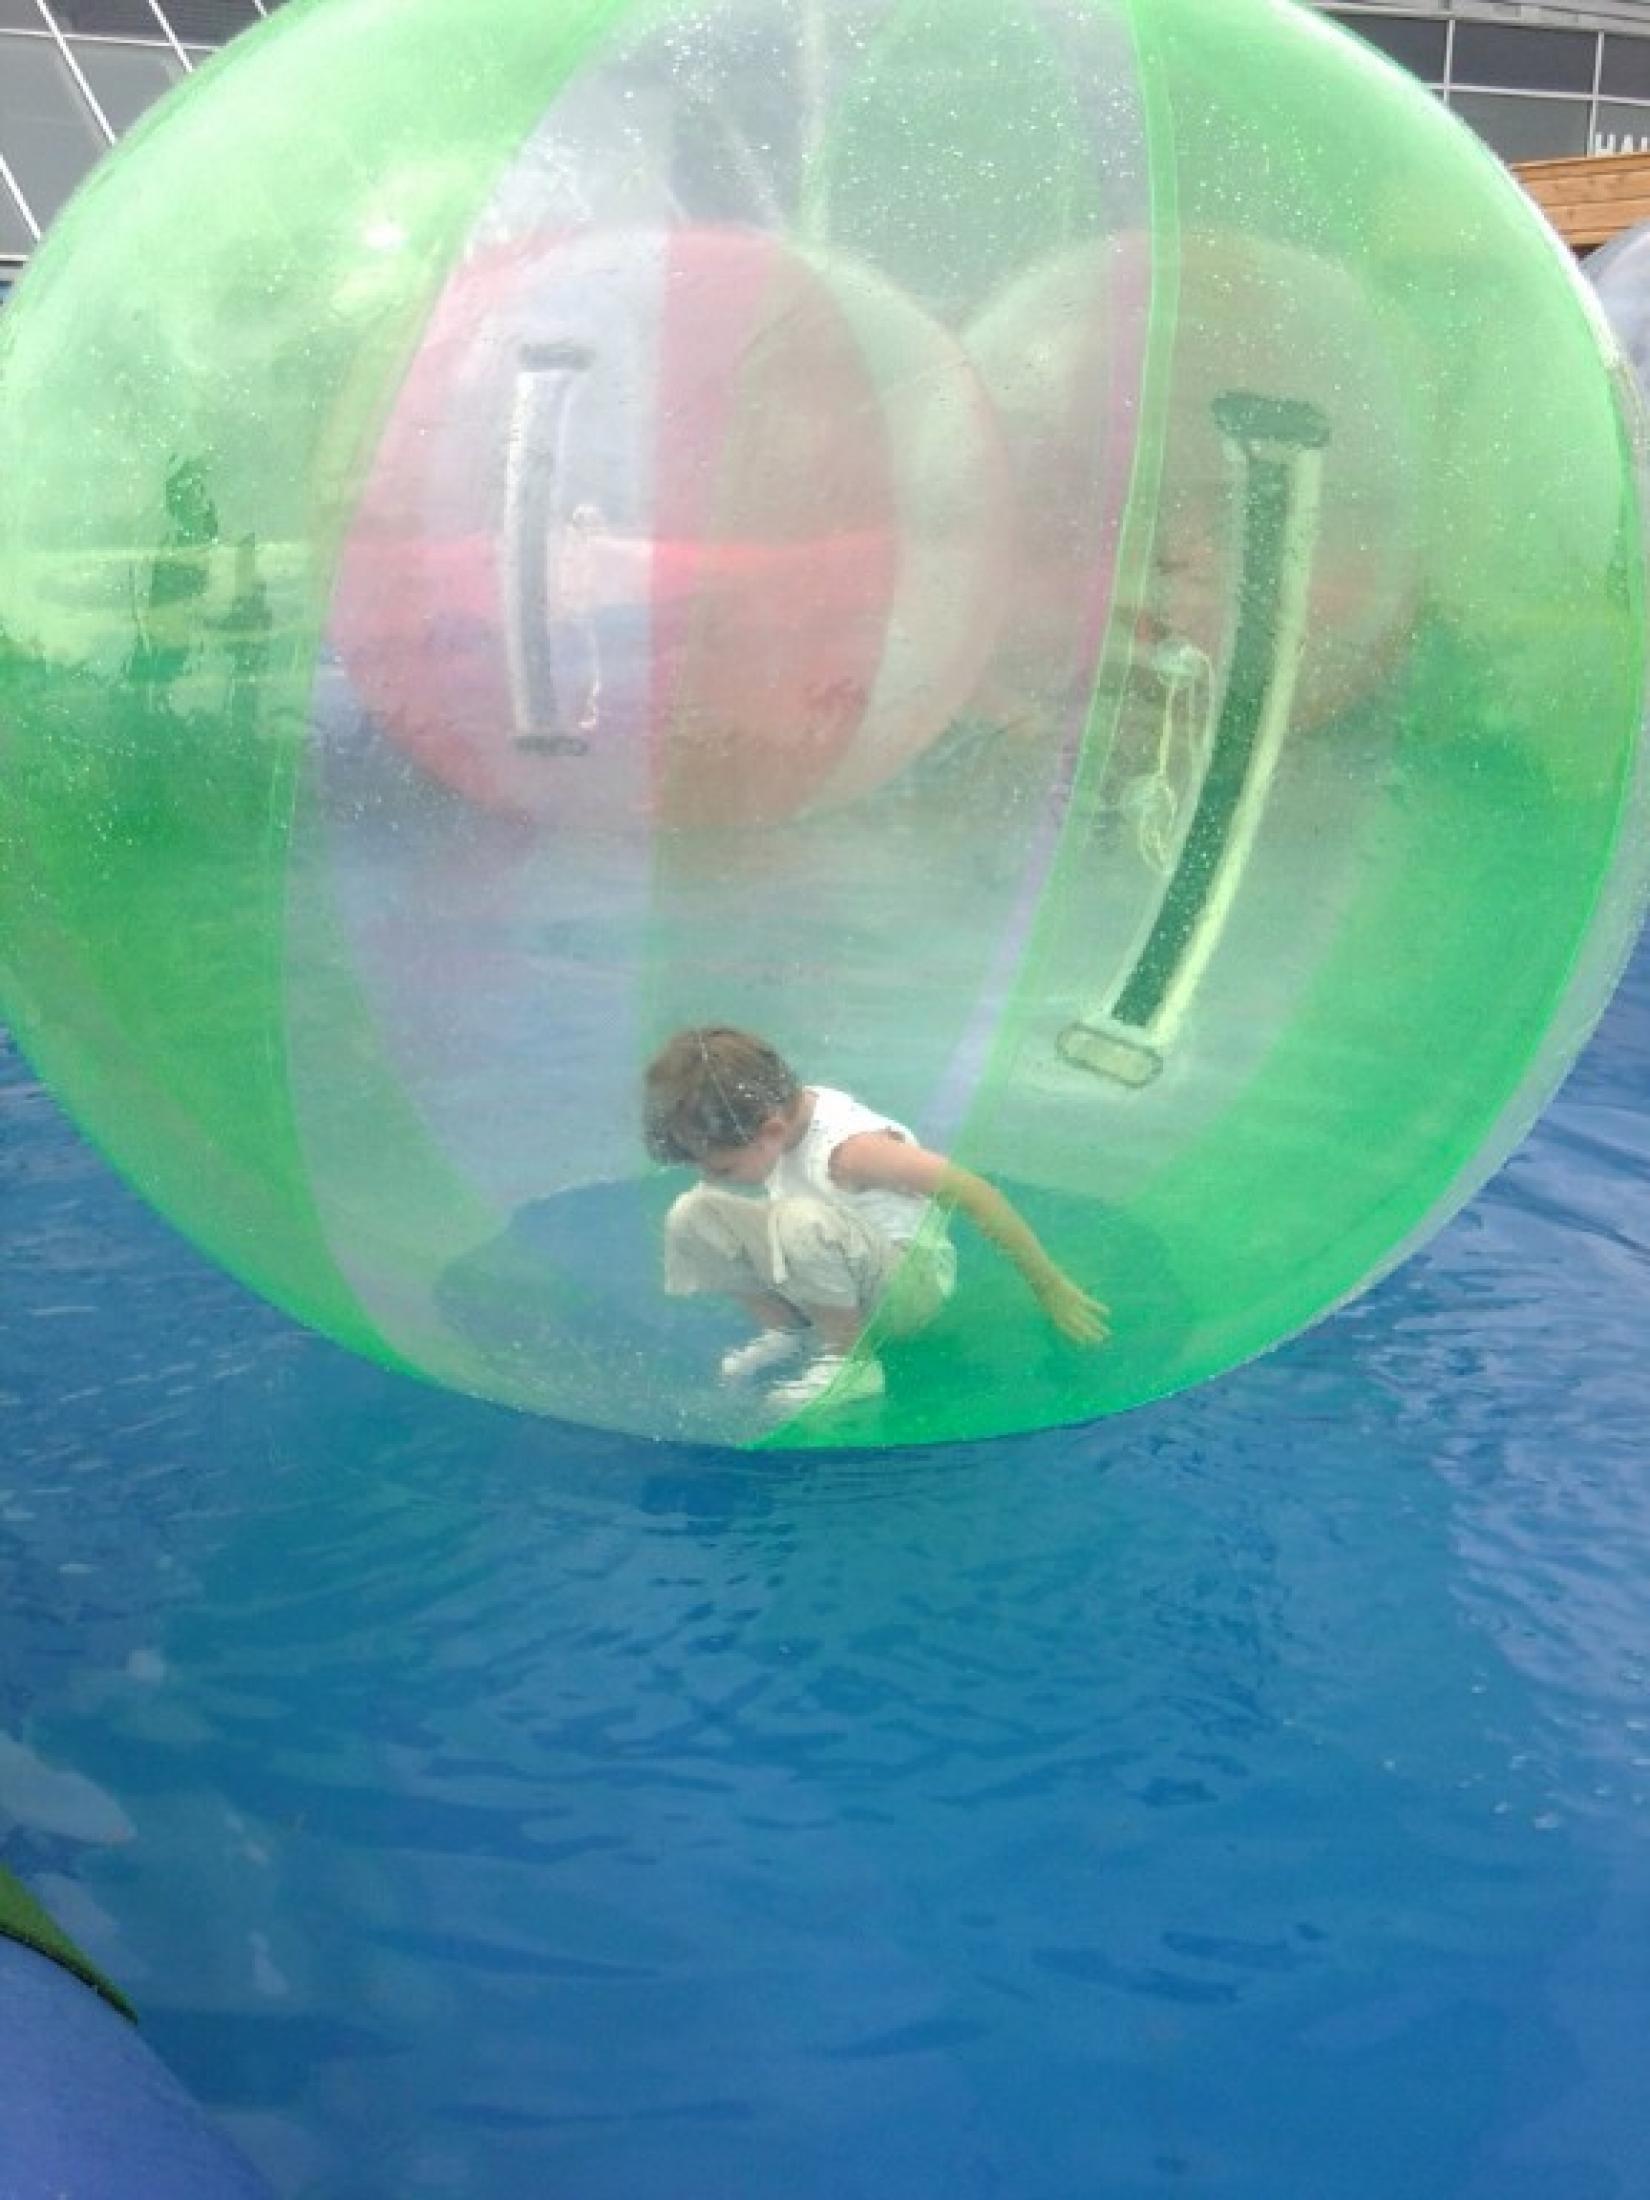 Bulles Aquatiques Jeux Aquatiques, Bulle Transparente pour Jeux Des Bulles